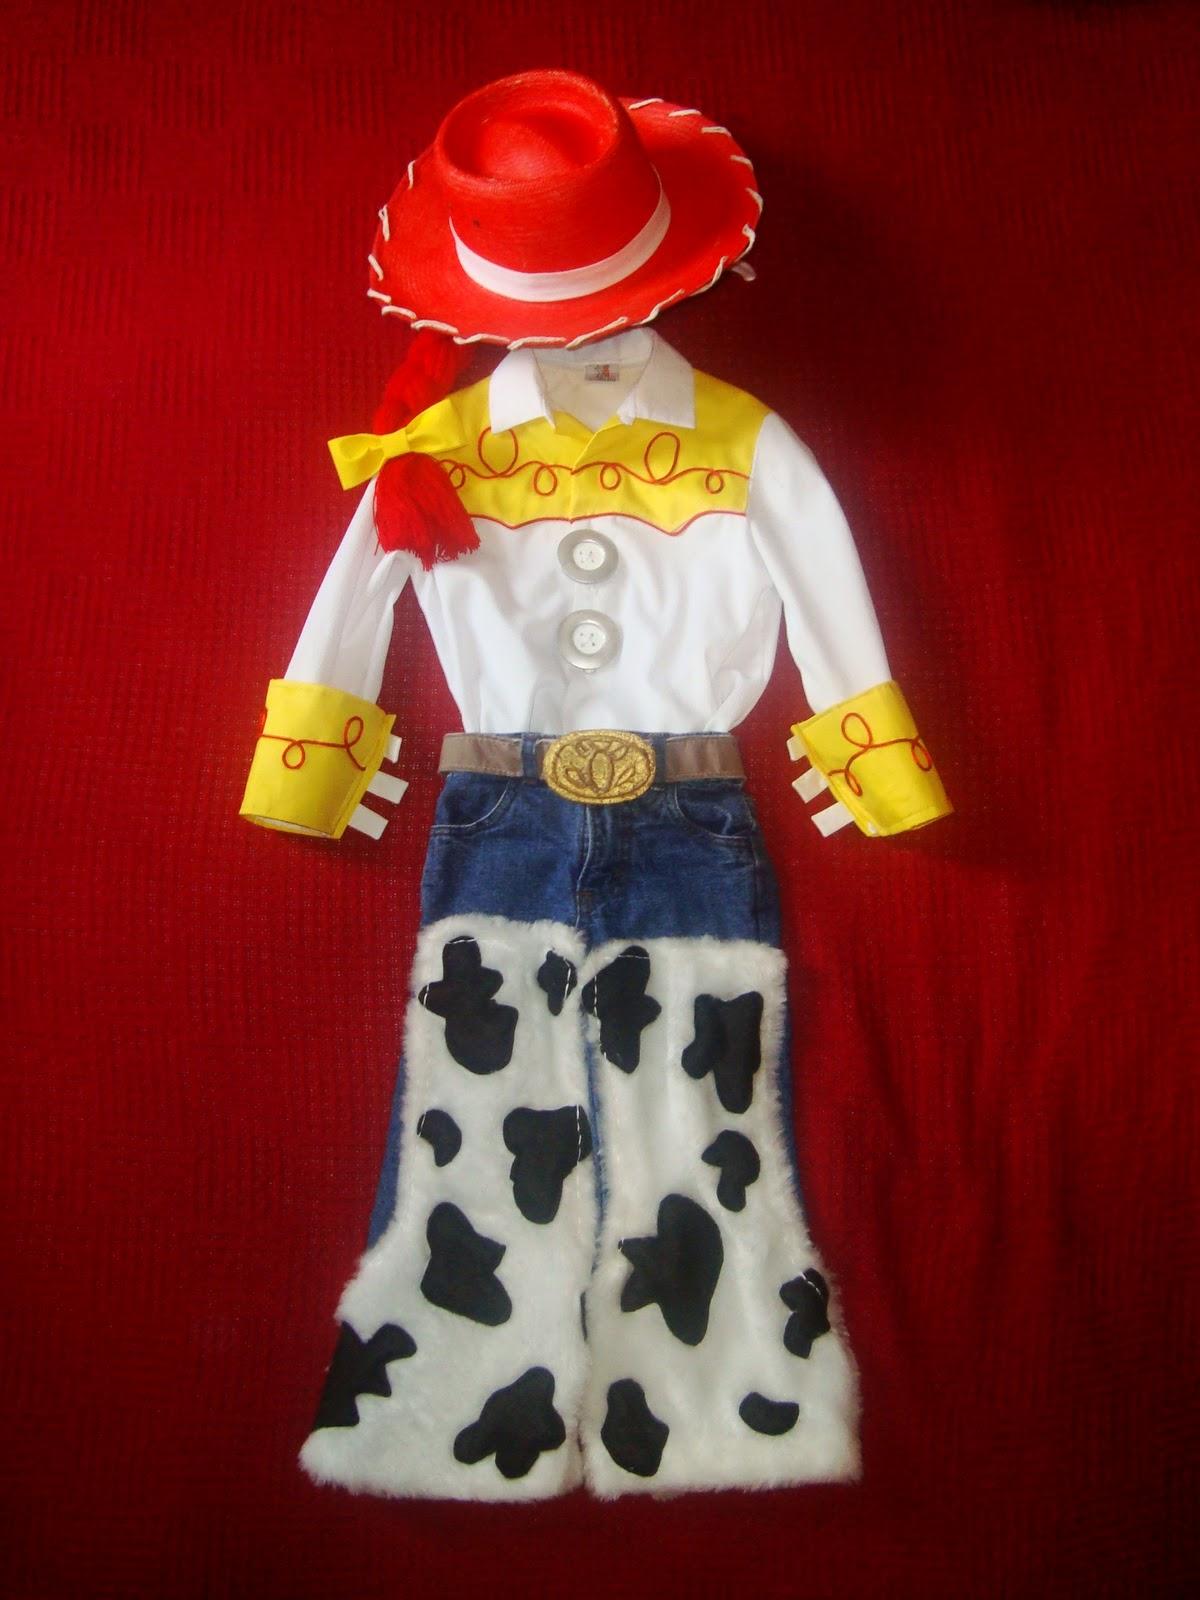 Pollera disfraces de jessie toy story JPG 1200x1600 Pollera disfraces de jessie  toy story 02a6254f2ff